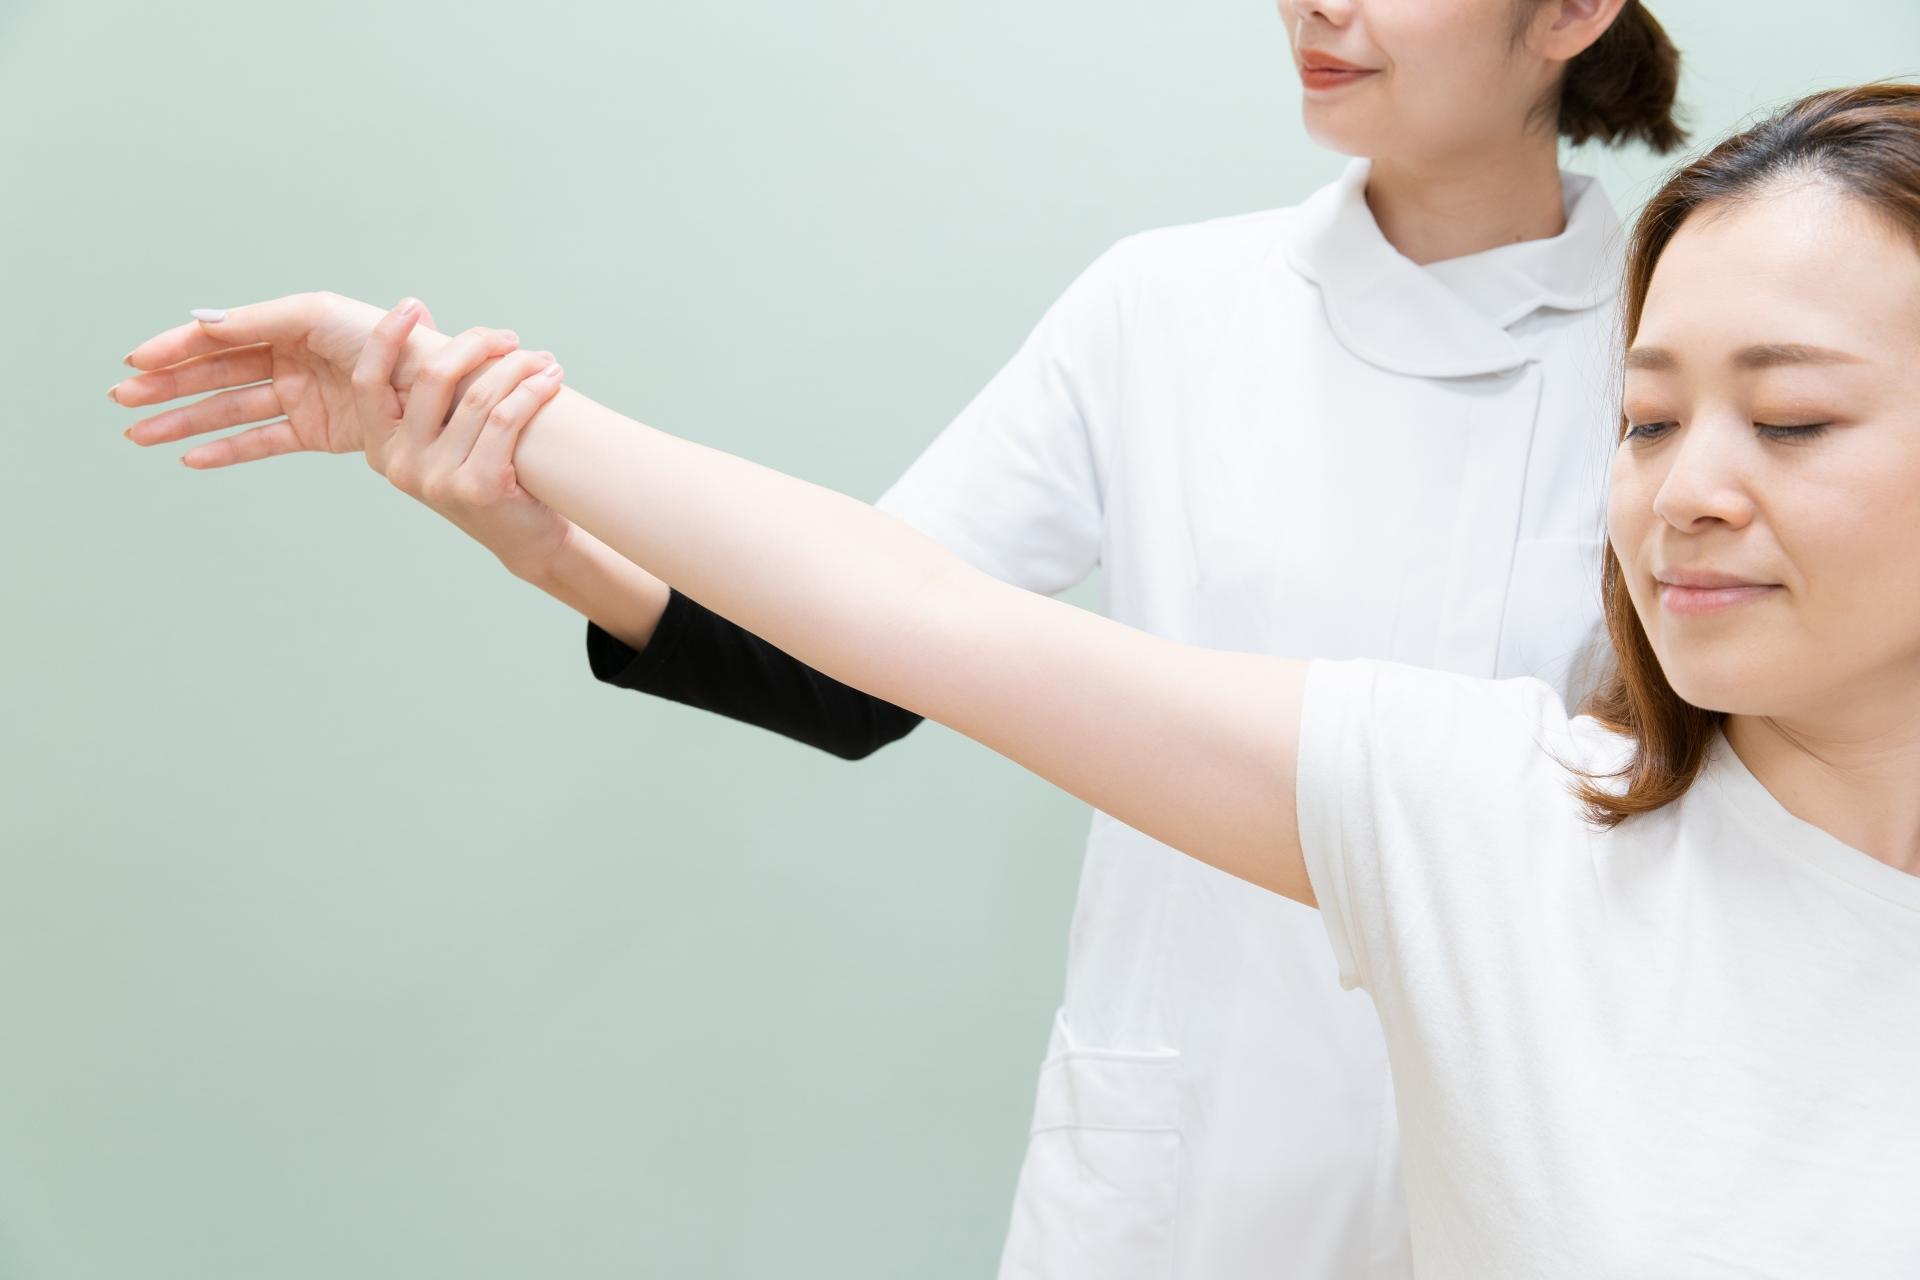 乳がん手術直後に腕が上がらなくて困ったこと